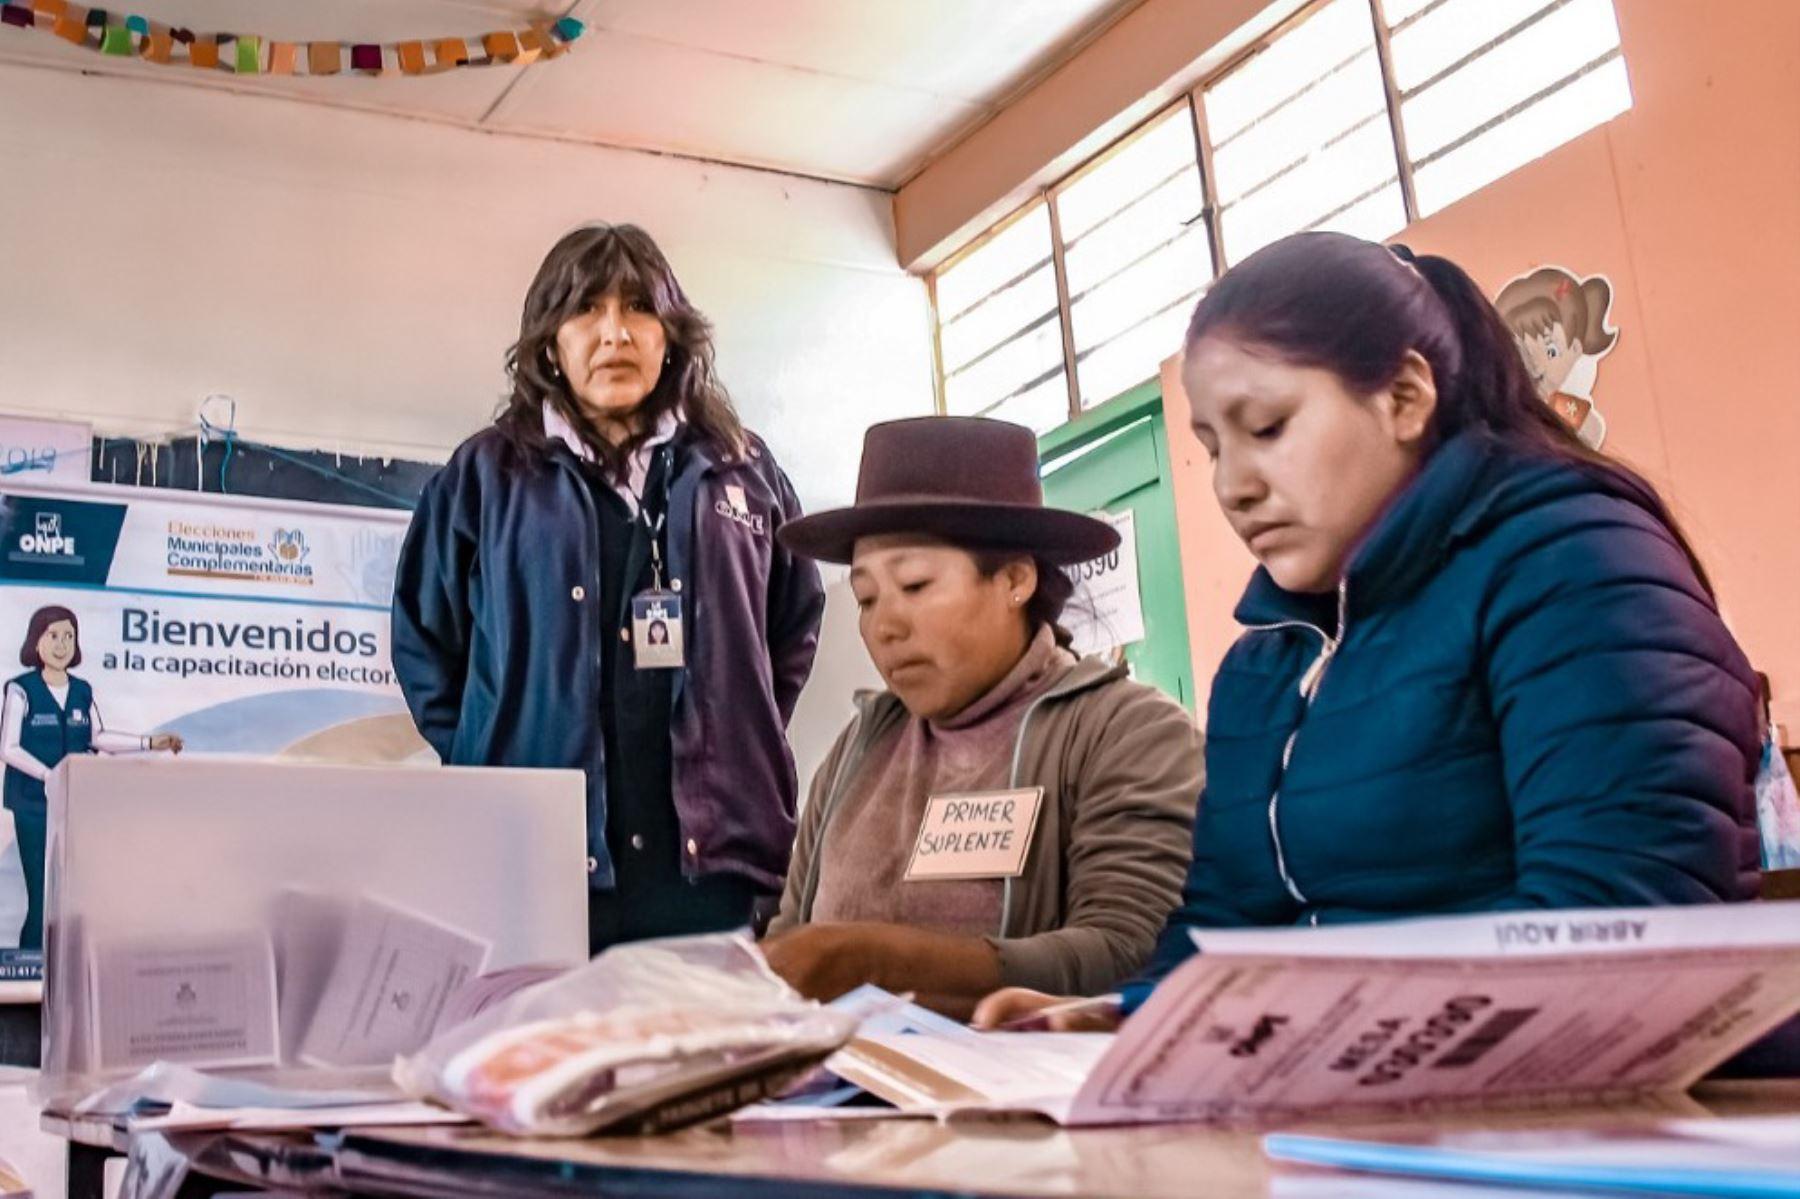 Con miras a la consulta popular de revocatoria en 13 distritos y las elecciones municipales complementarias en el distrito de Chipao (Ayacucho), la Oficina Nacional de Procesos Electorales (ONPE) desarrollará mañana domingo la primera jornada de capacitación para miembros de mesa. ANDINA/Difusión